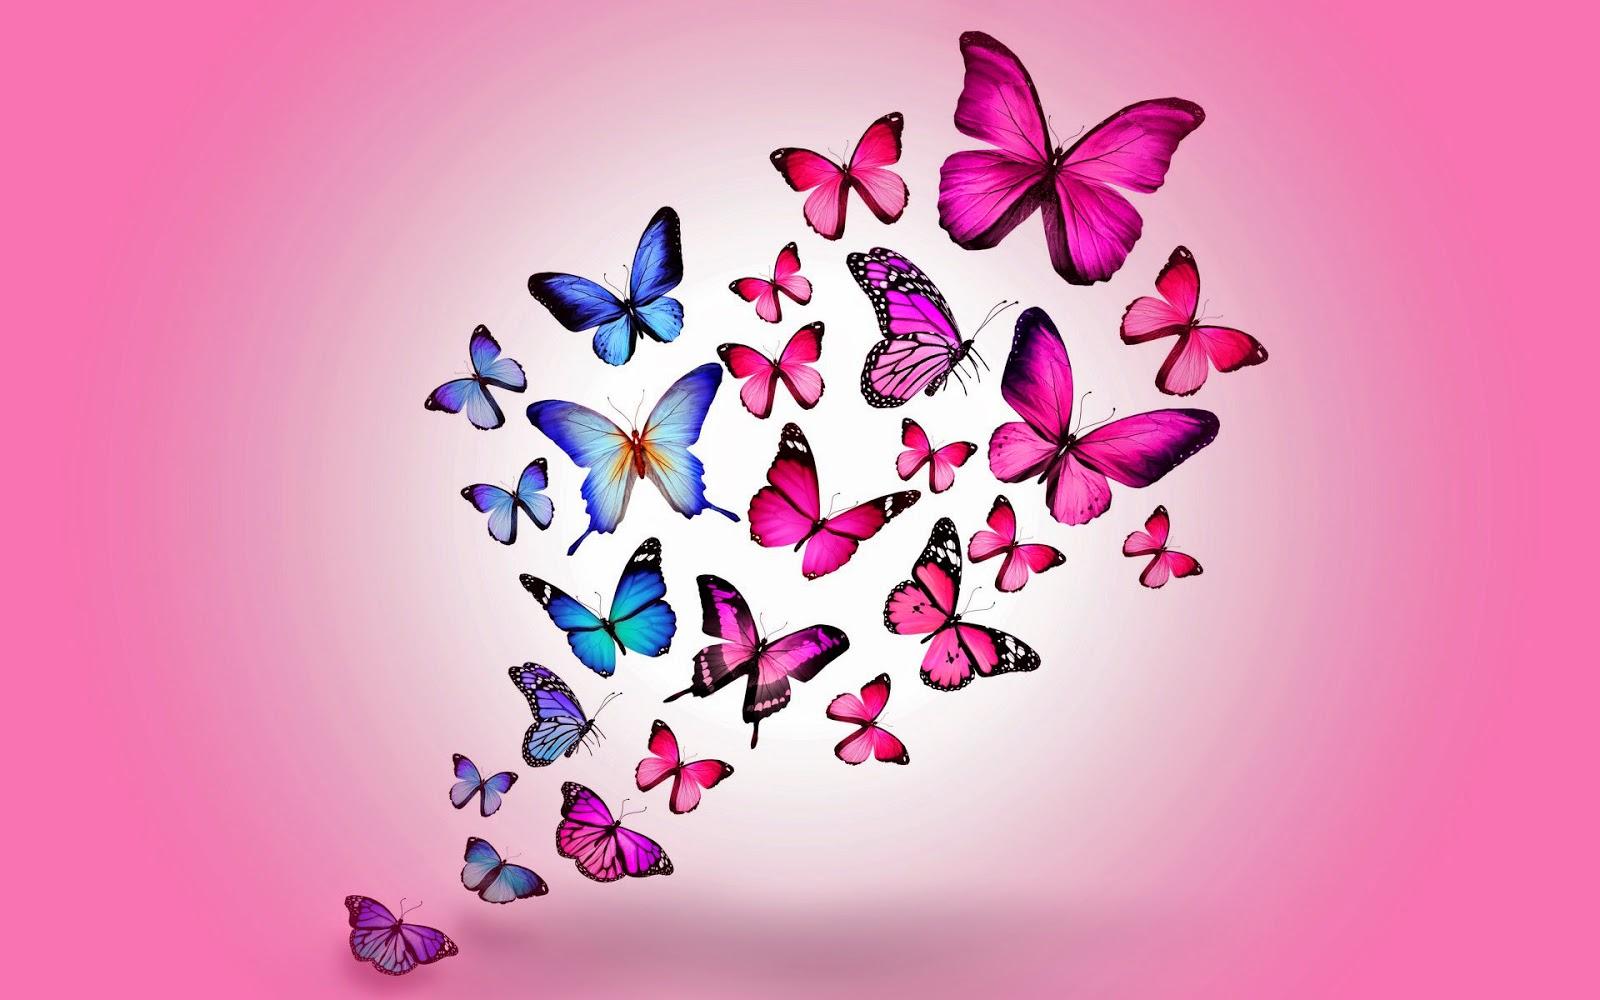 Roze achtergrond met vlinders